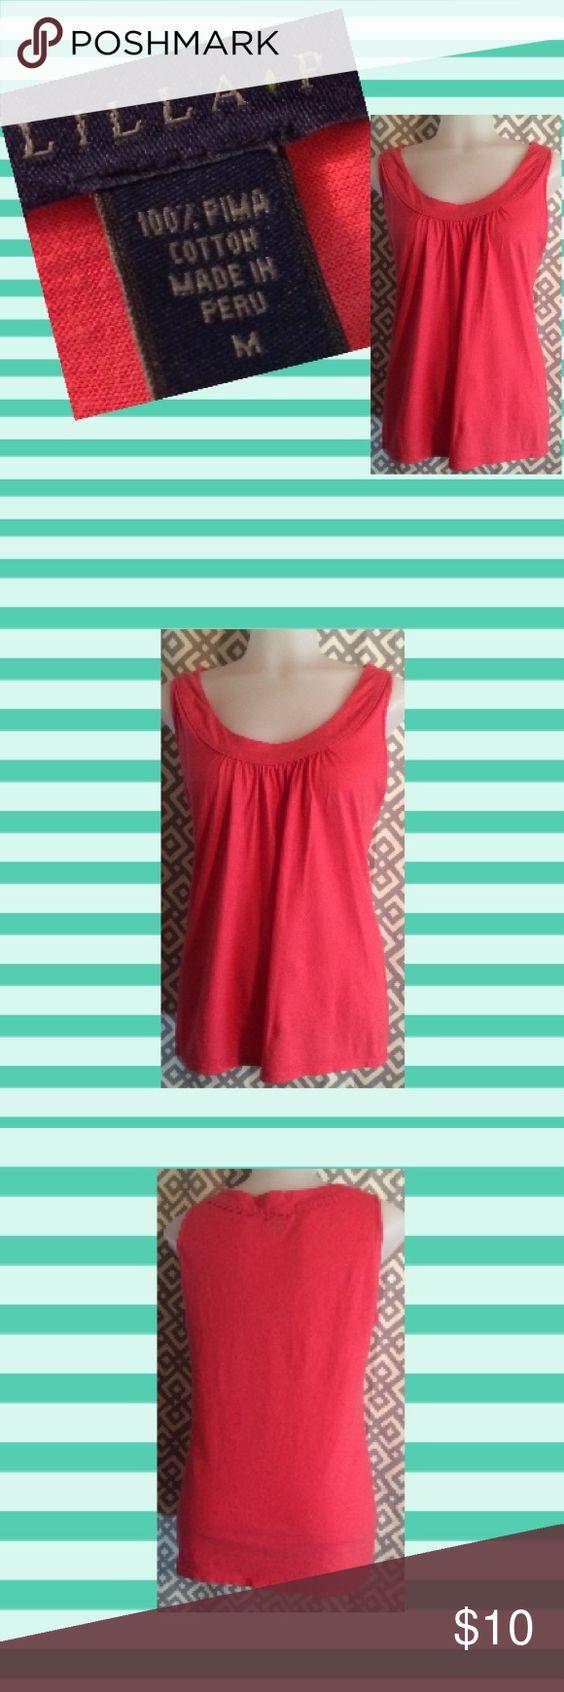 Lilla P coral colored top, M Sleeveless coral colored top. 100% Pima cotton. Lilla P Tops